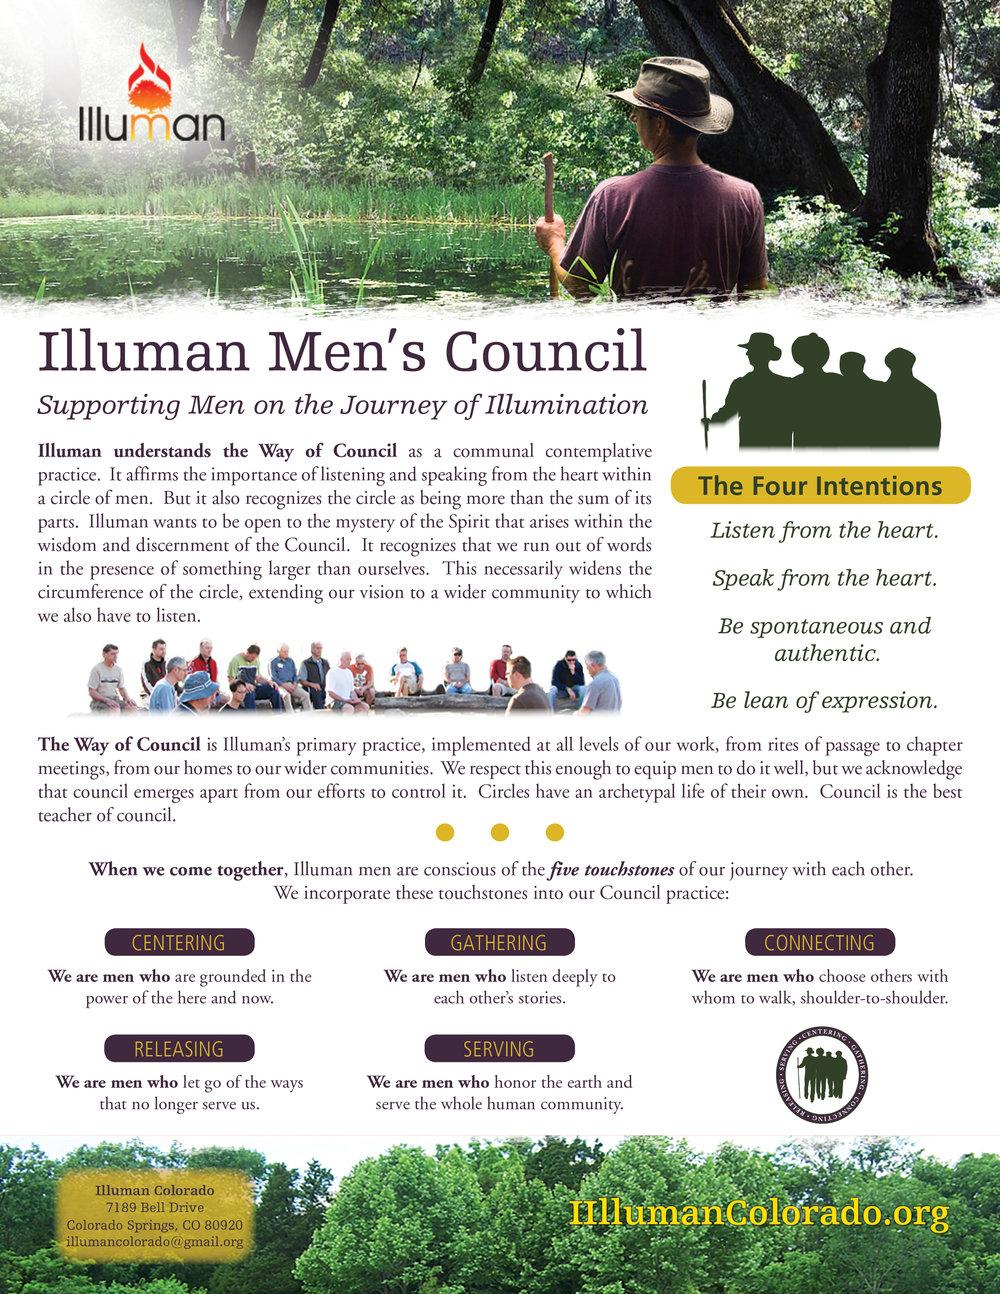 Illuman Way of Council